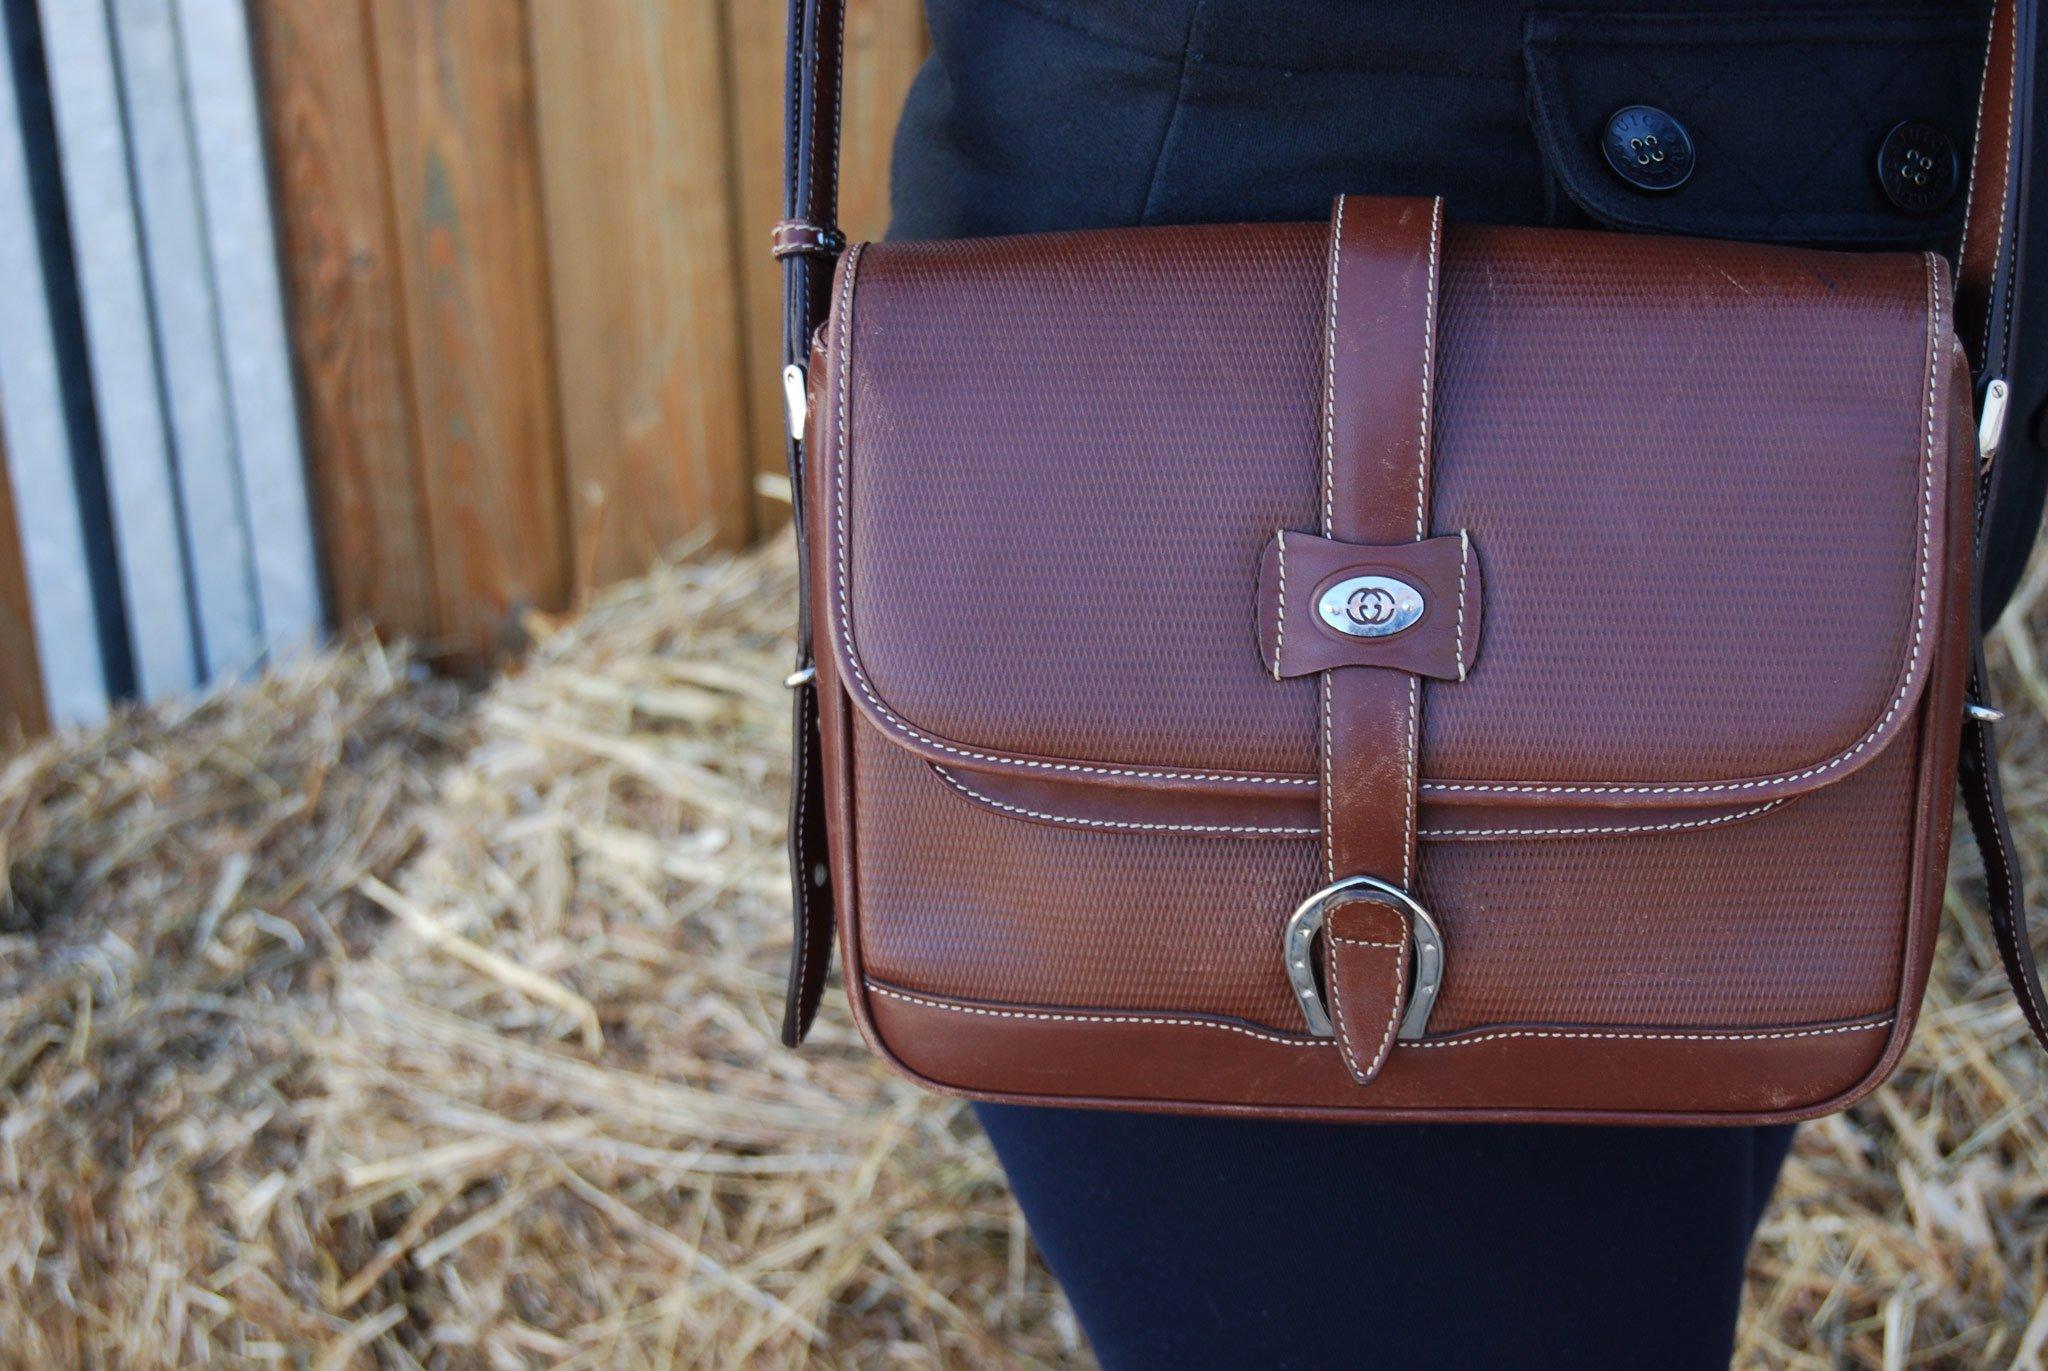 Foto di borsa Gucci in stile country